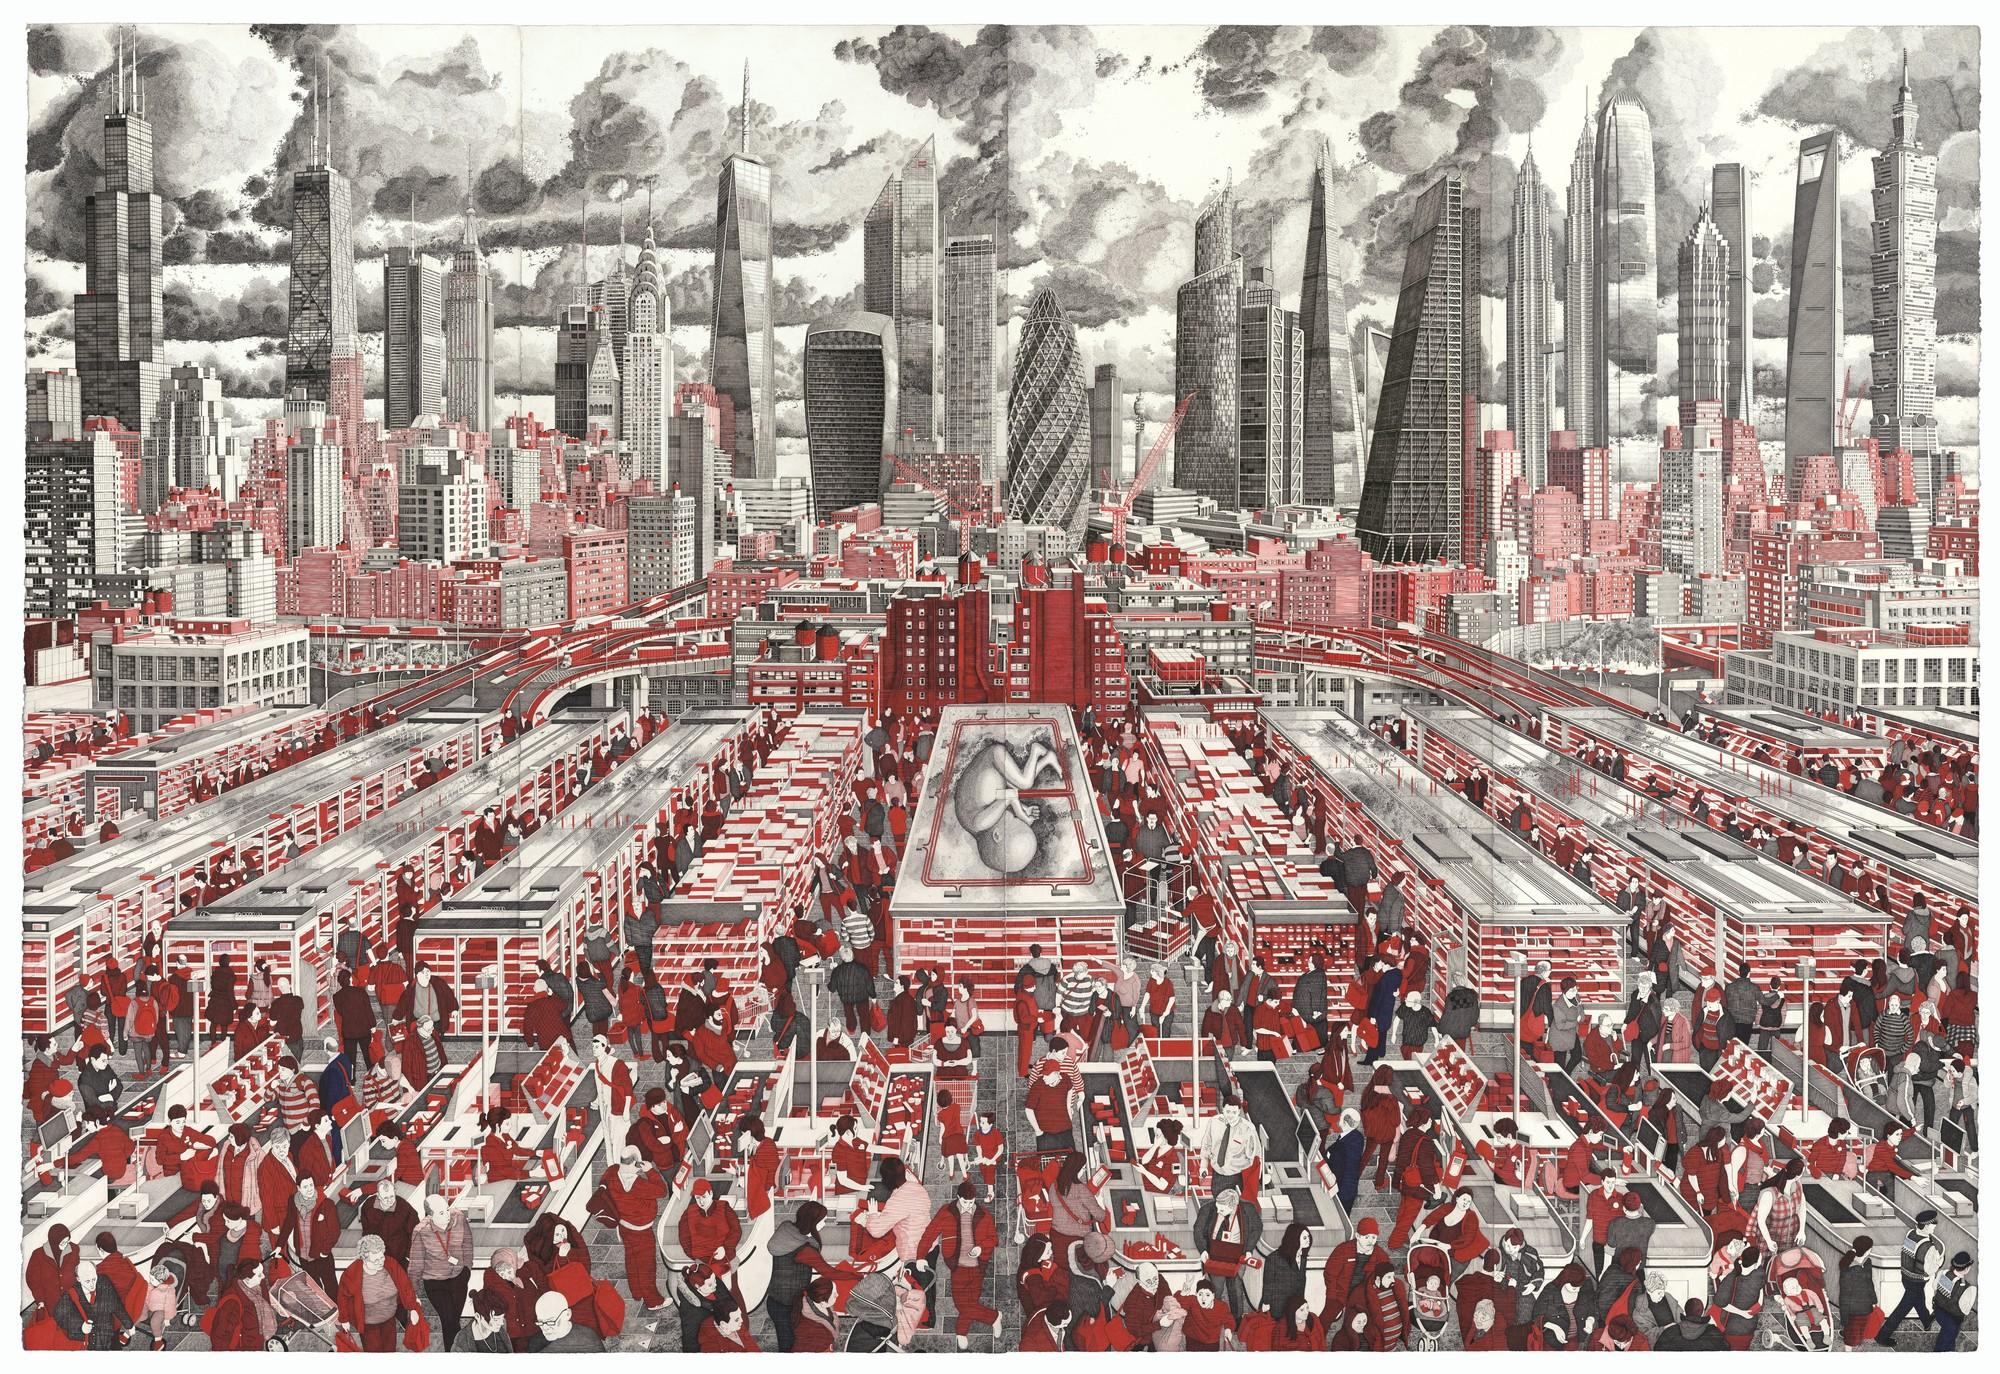 """O artista Mark Lascelles Thornton fala sobre sua obra """"The Happiness Machine"""", Todos os 8 paineis do The Happiness Machine. Imagem © Mark Lascelles Thornton"""